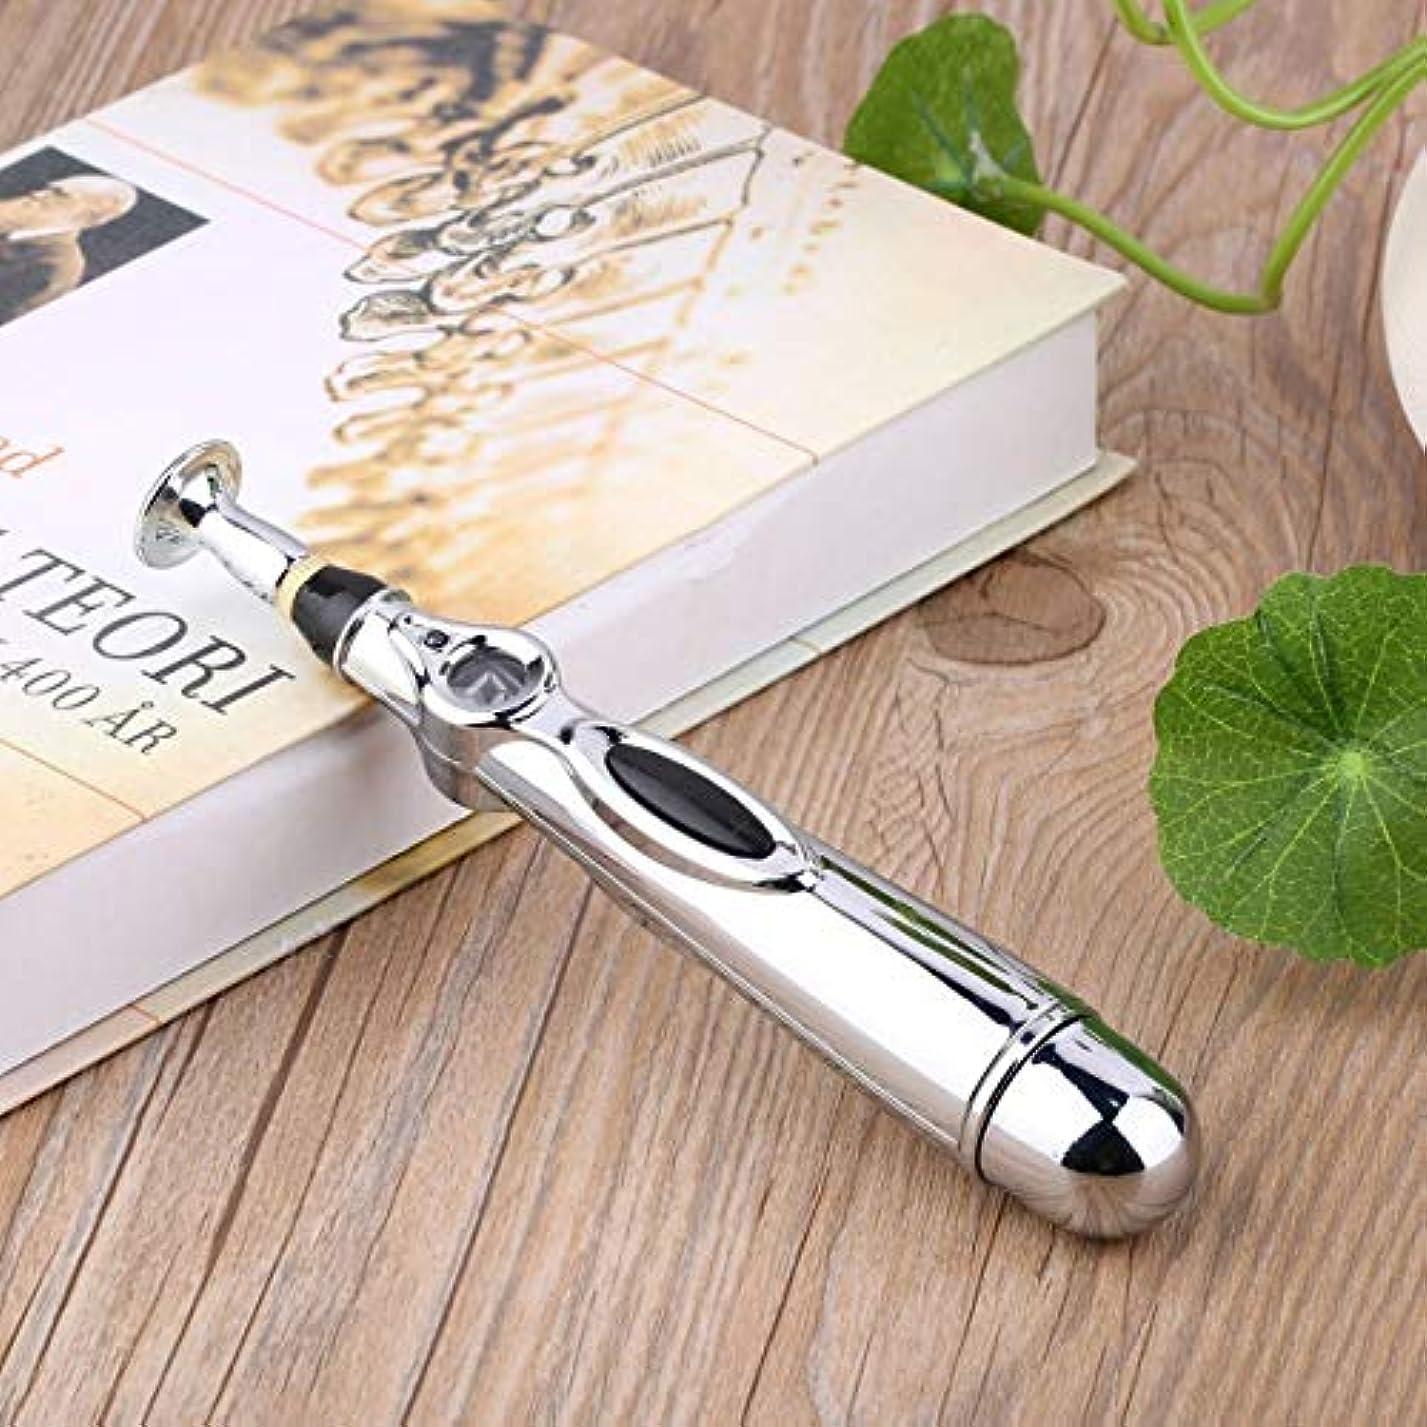 ベーコンキネマティクスレンダー電気鍼マッサージペンの健康子午線の痛みを軽減する治療電子子午線エネルギーペンのマッサージボディヘッドネック脚